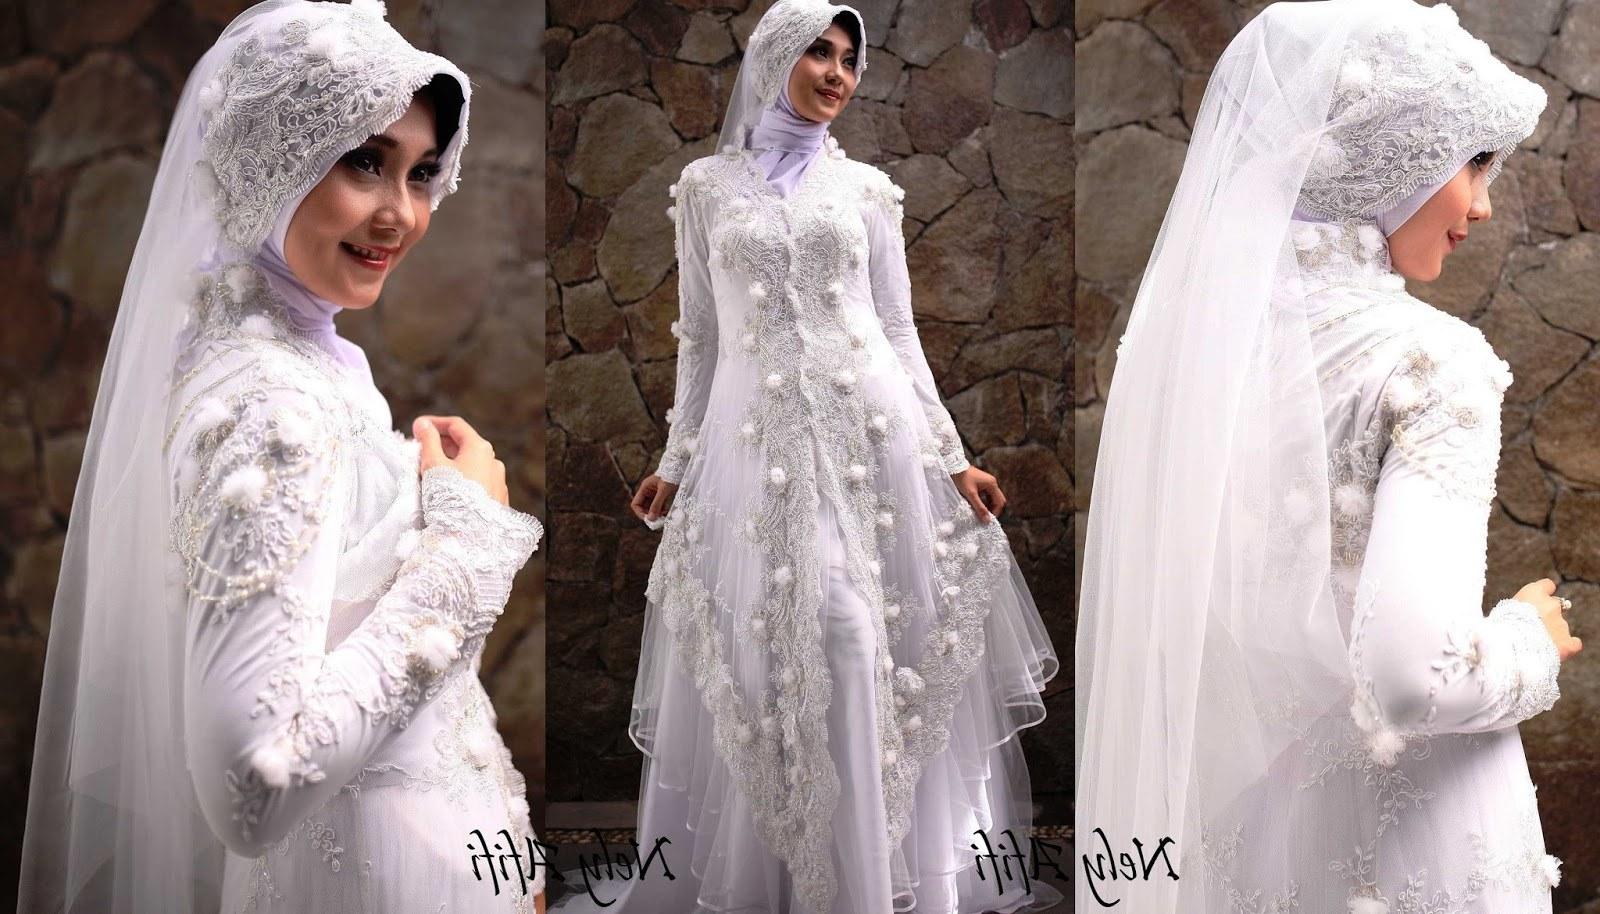 Bentuk Kebaya Pernikahan Muslimah Terindah Txdf 43 Inspirasi Terpopuler Baju Pengantin Muslim Sederhana Putih